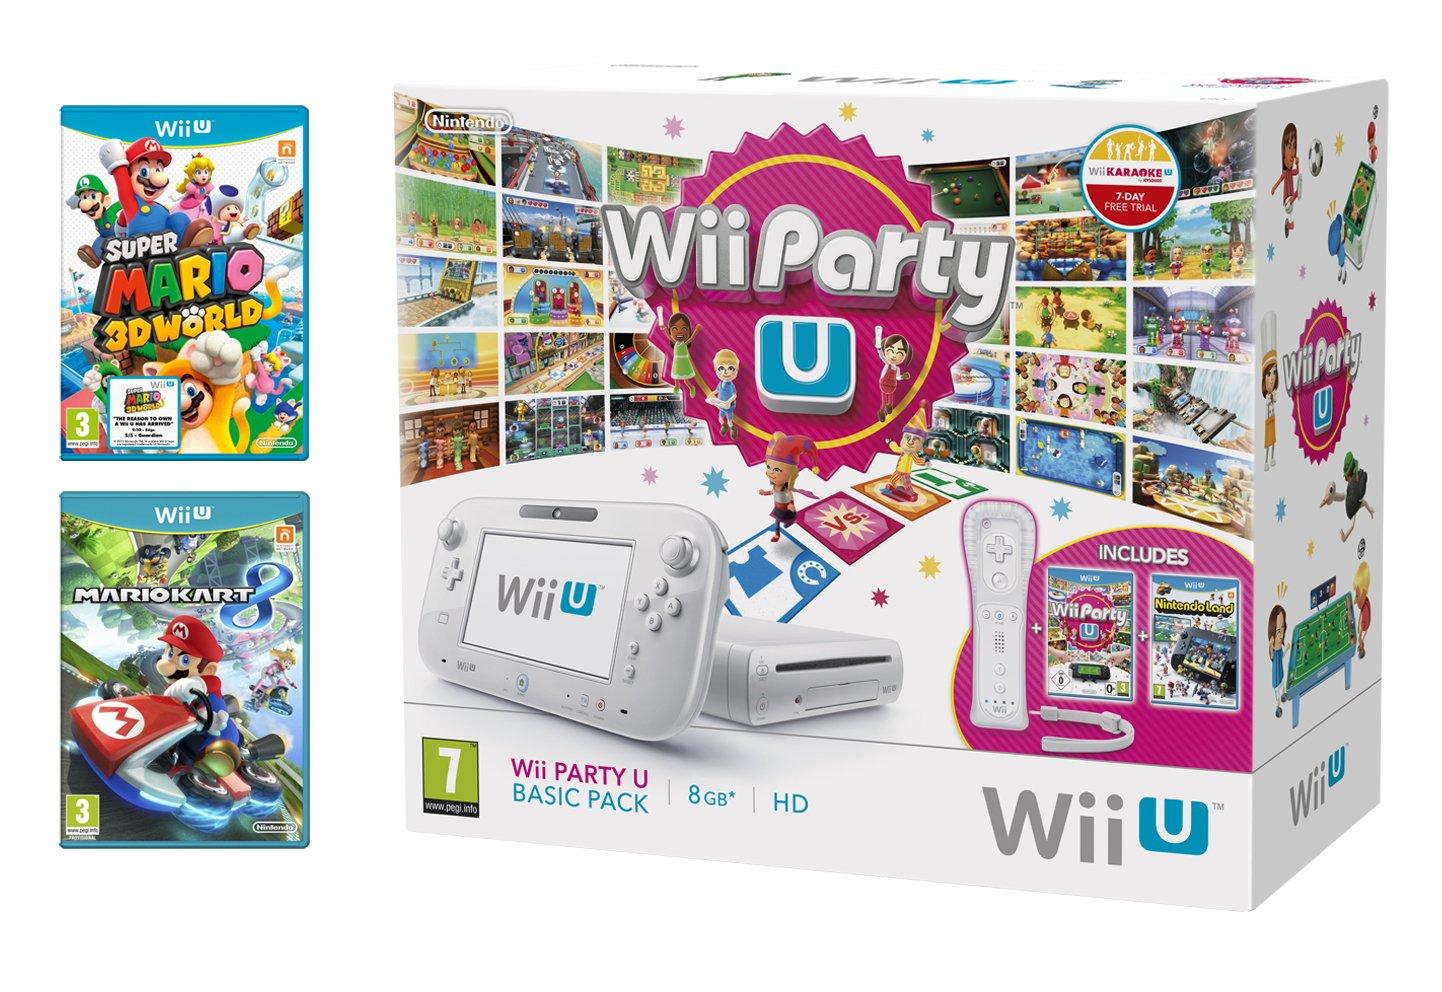 Nintendo Wii U 8Gb Party Pack With Mario Kart 8 And Super Mario 3D World (Nintendo Wii U) [Importación Inglesa]: Amazon.es: Videojuegos